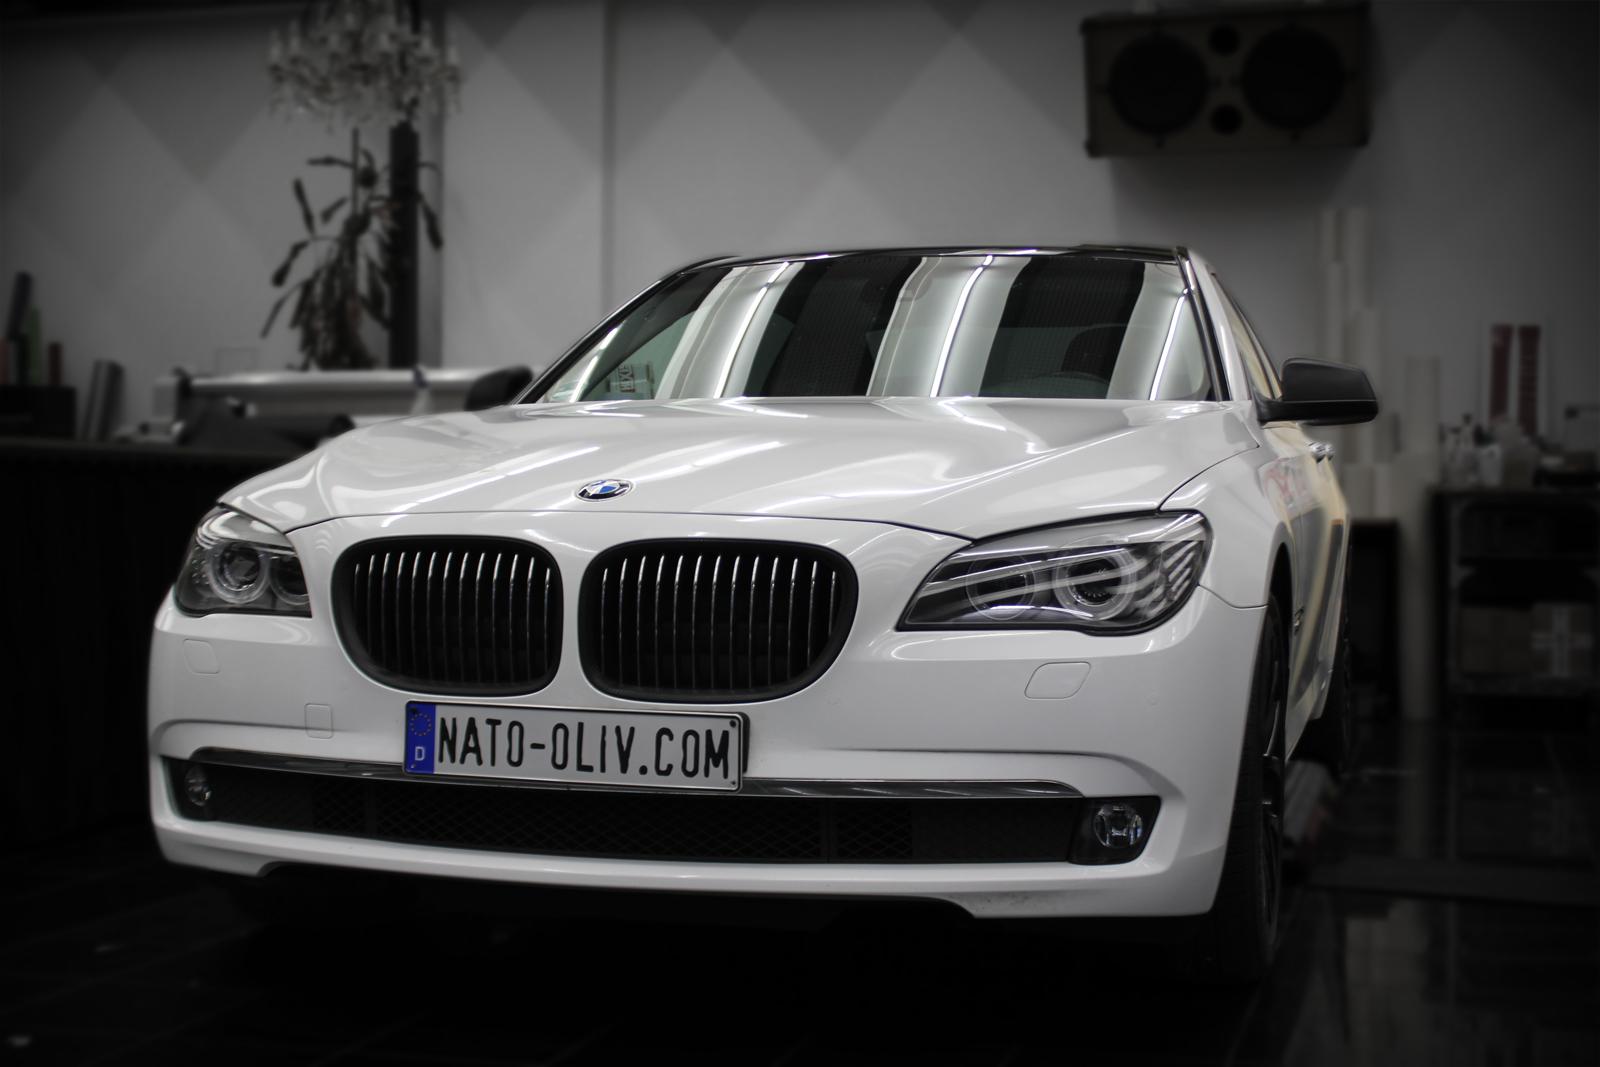 BMW_7er_Folierung_Weiss_Metallic_Schwarz_Glanz_Titelbild